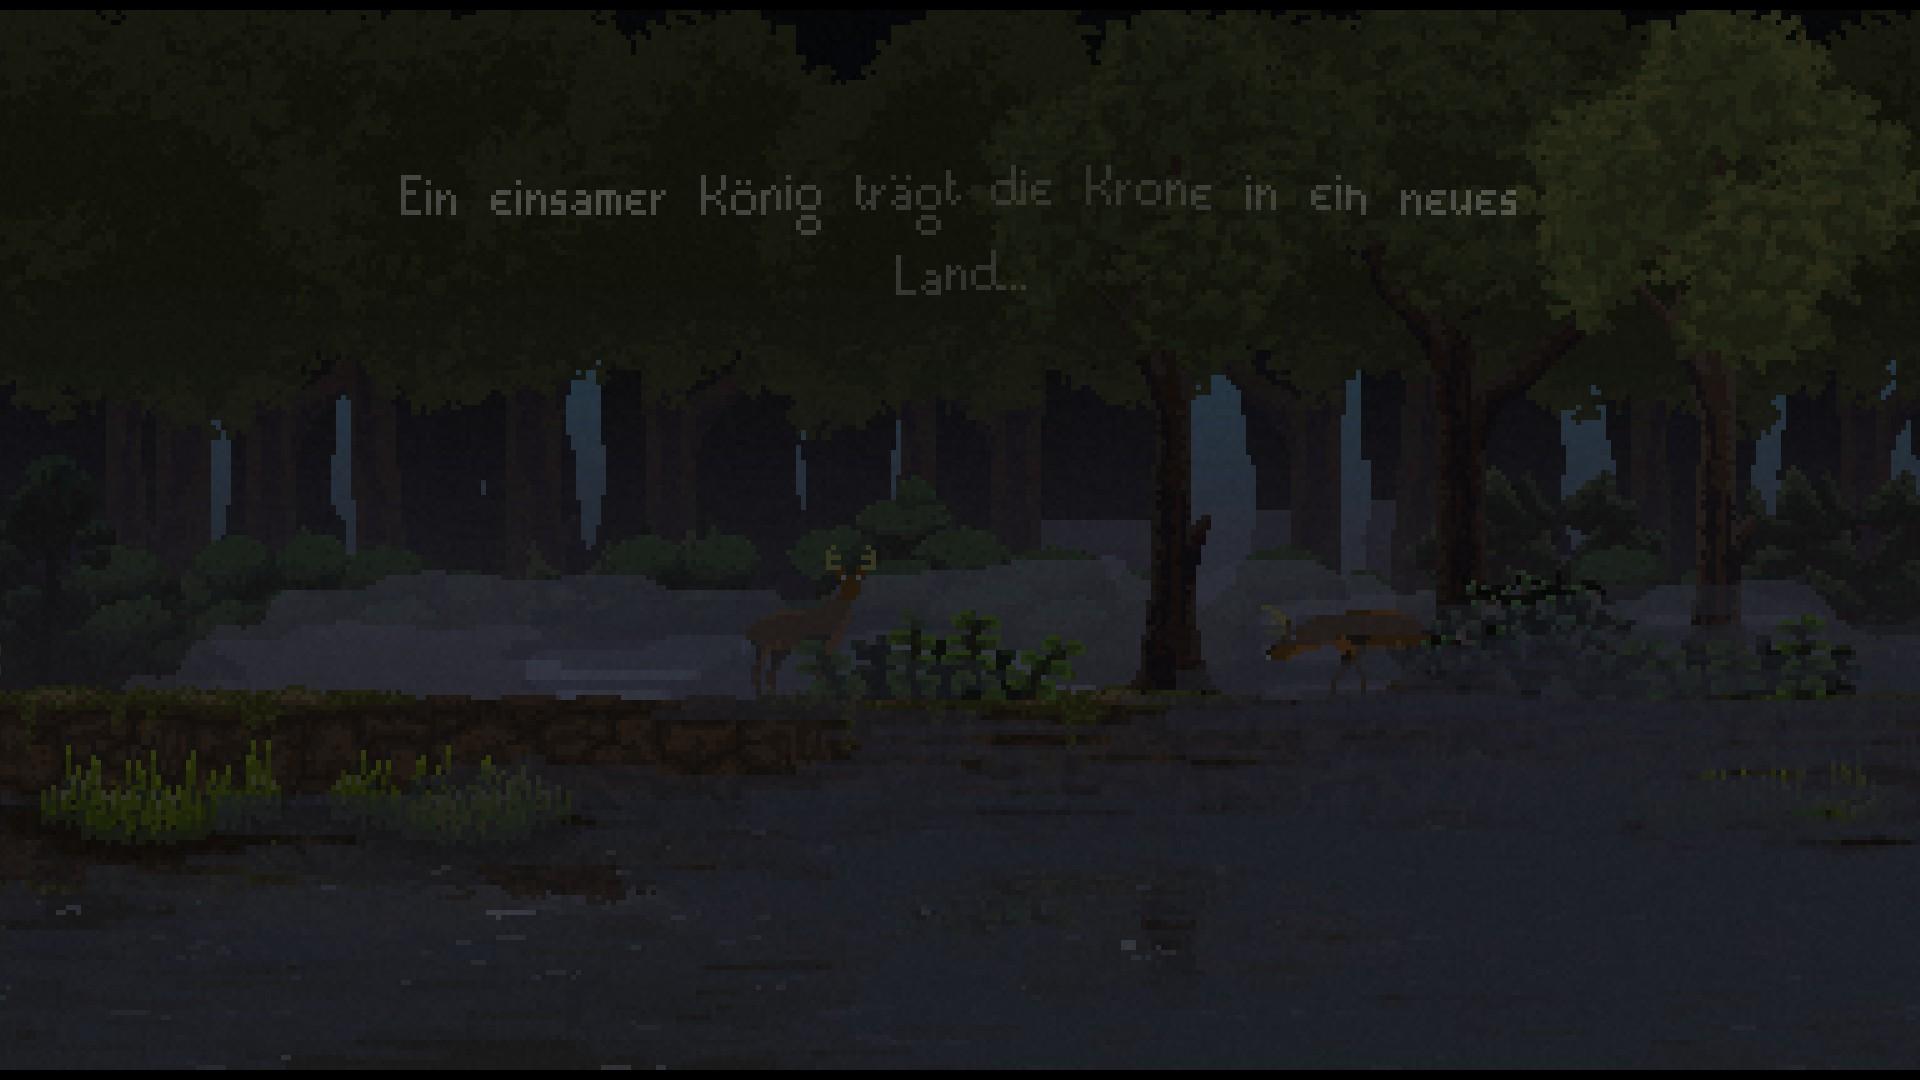 Kingdom - Ein neuer König ist im Lande